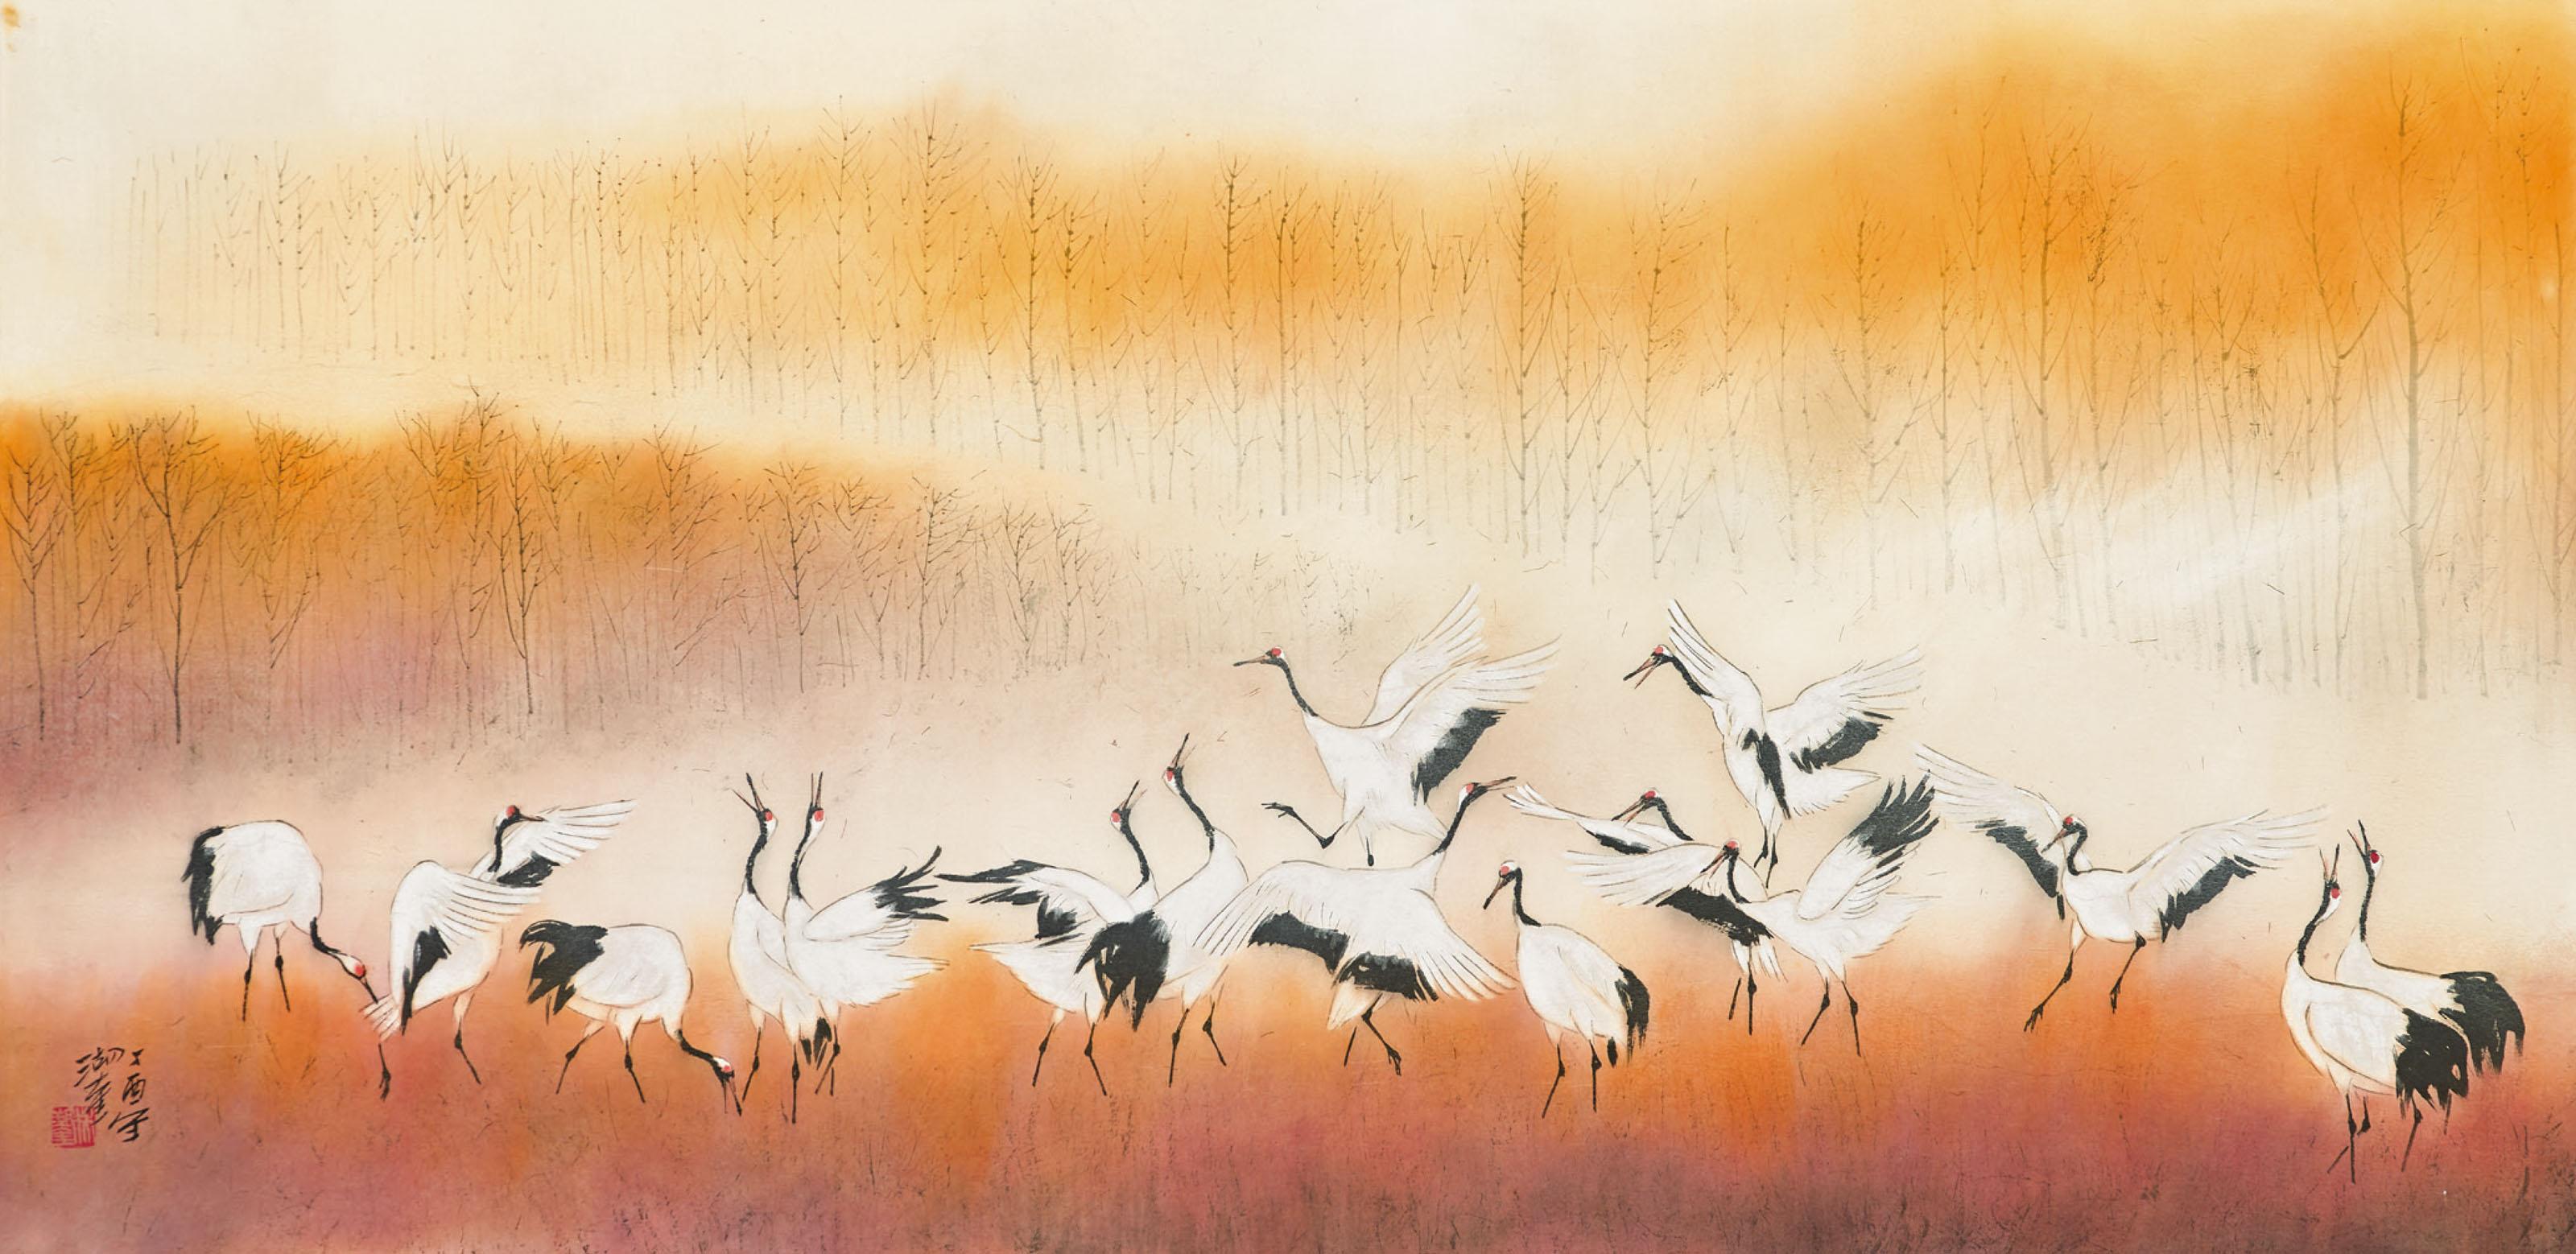 Cranes Dancing